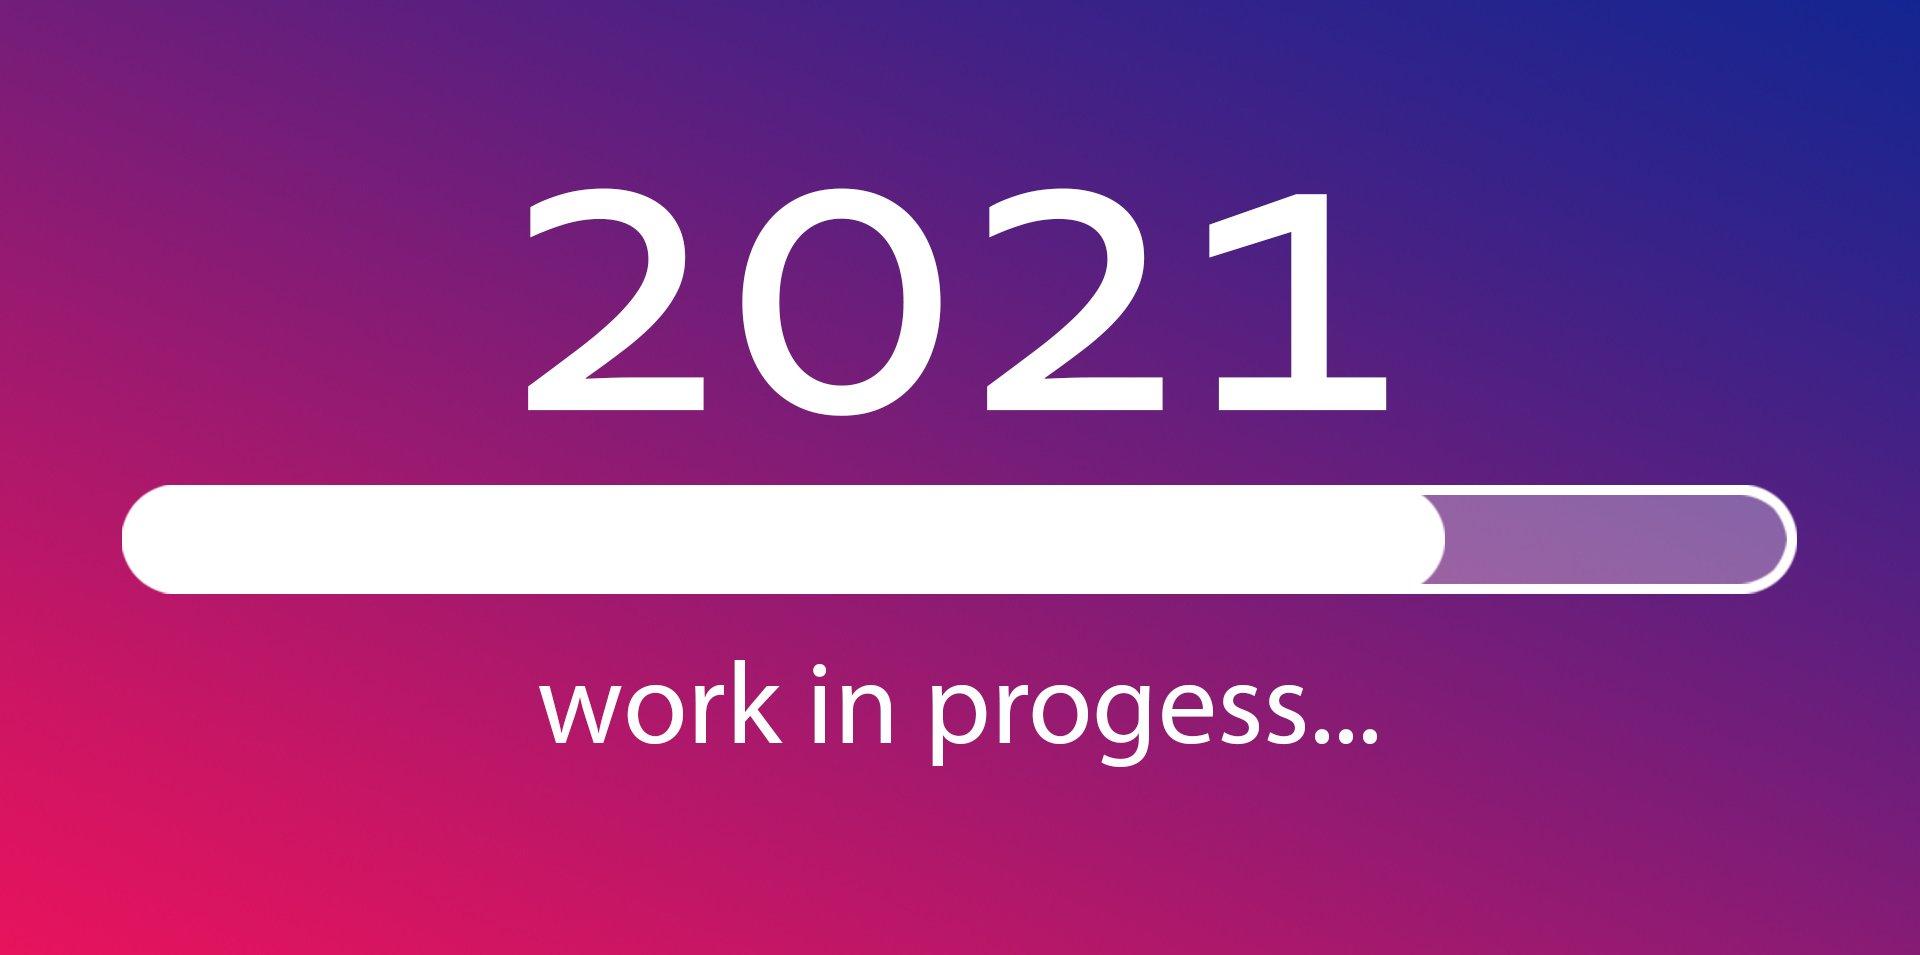 2021_work_in_progress